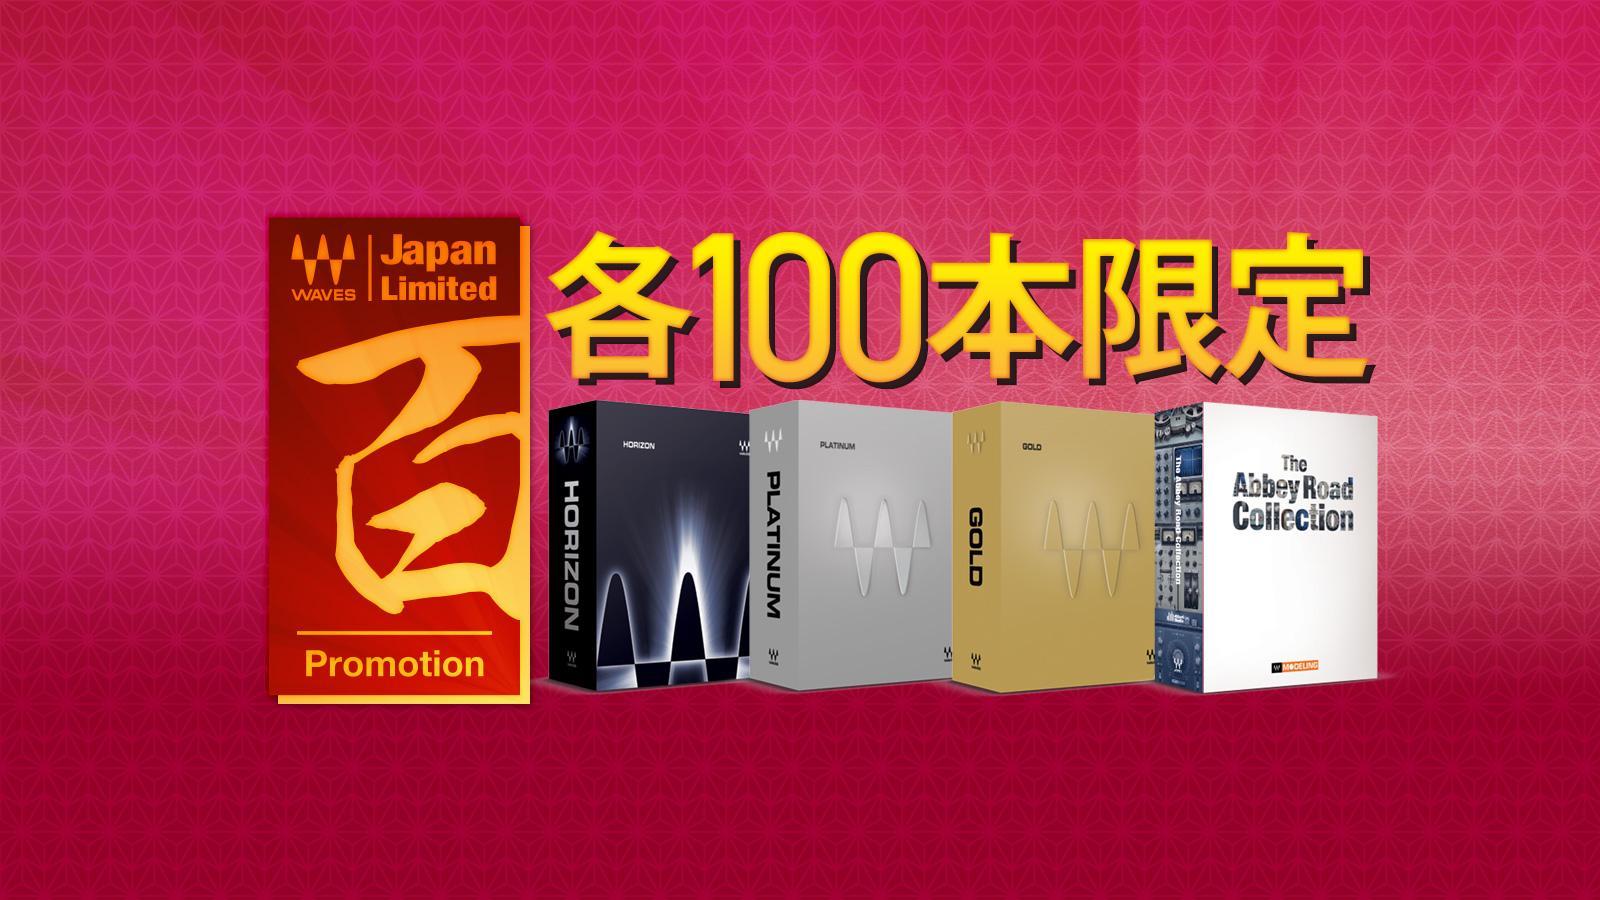 【数量限定】Waves 日本だけの「限定:100」プロモーション開催!